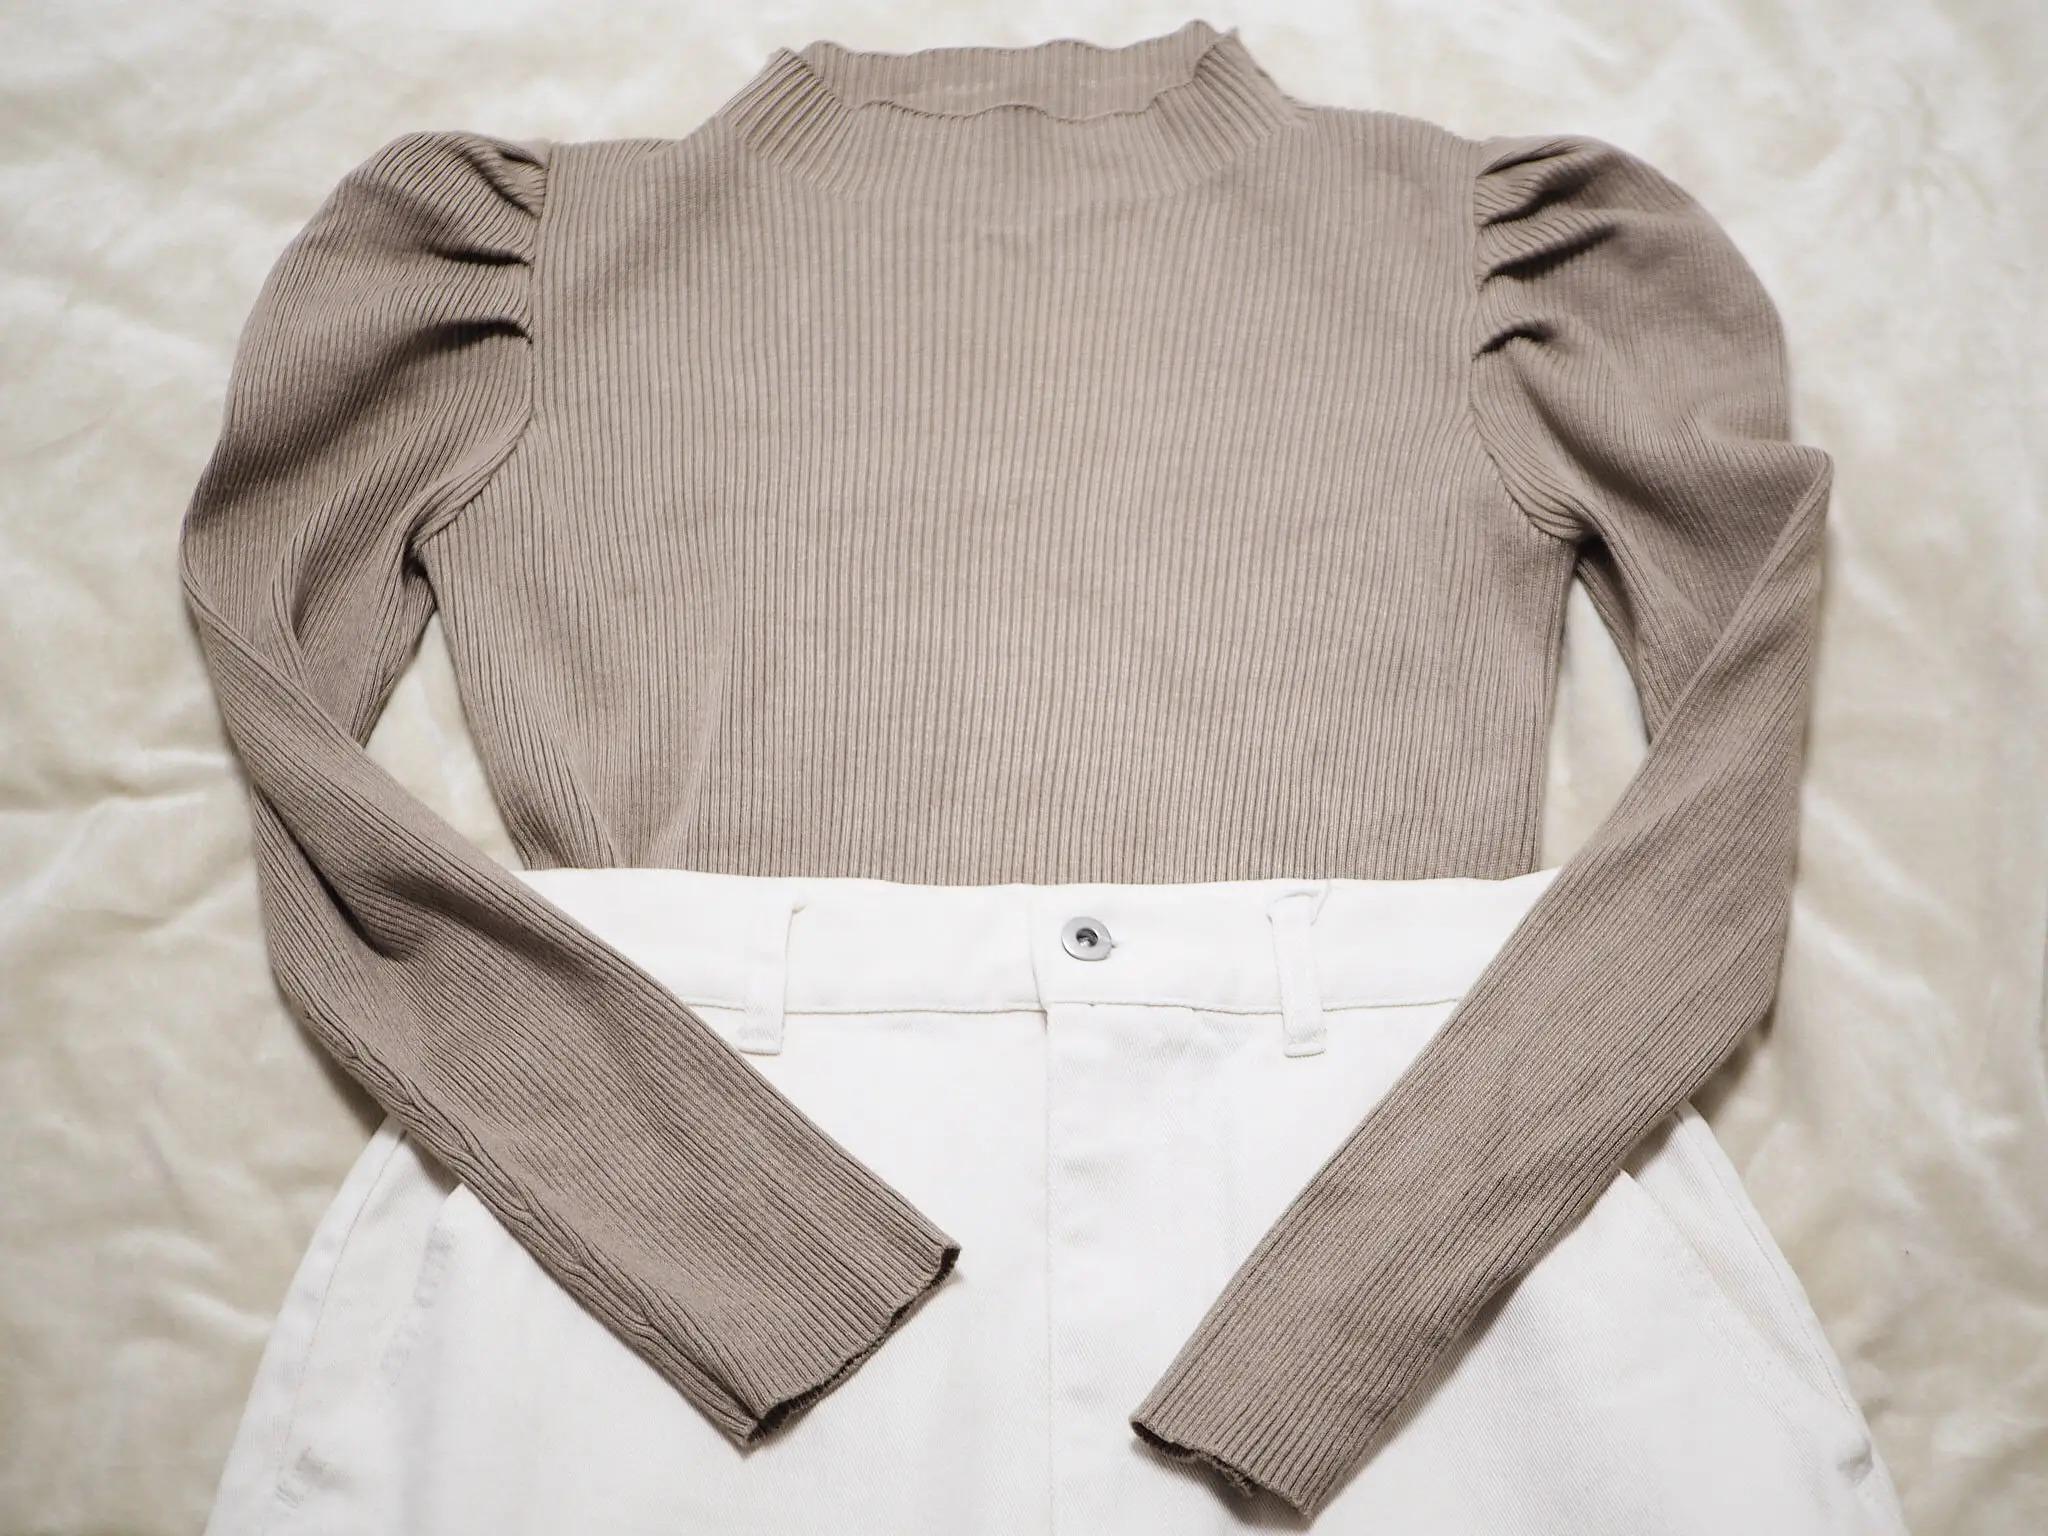 『アーバンリサーチ』のホワイトデニムスカート